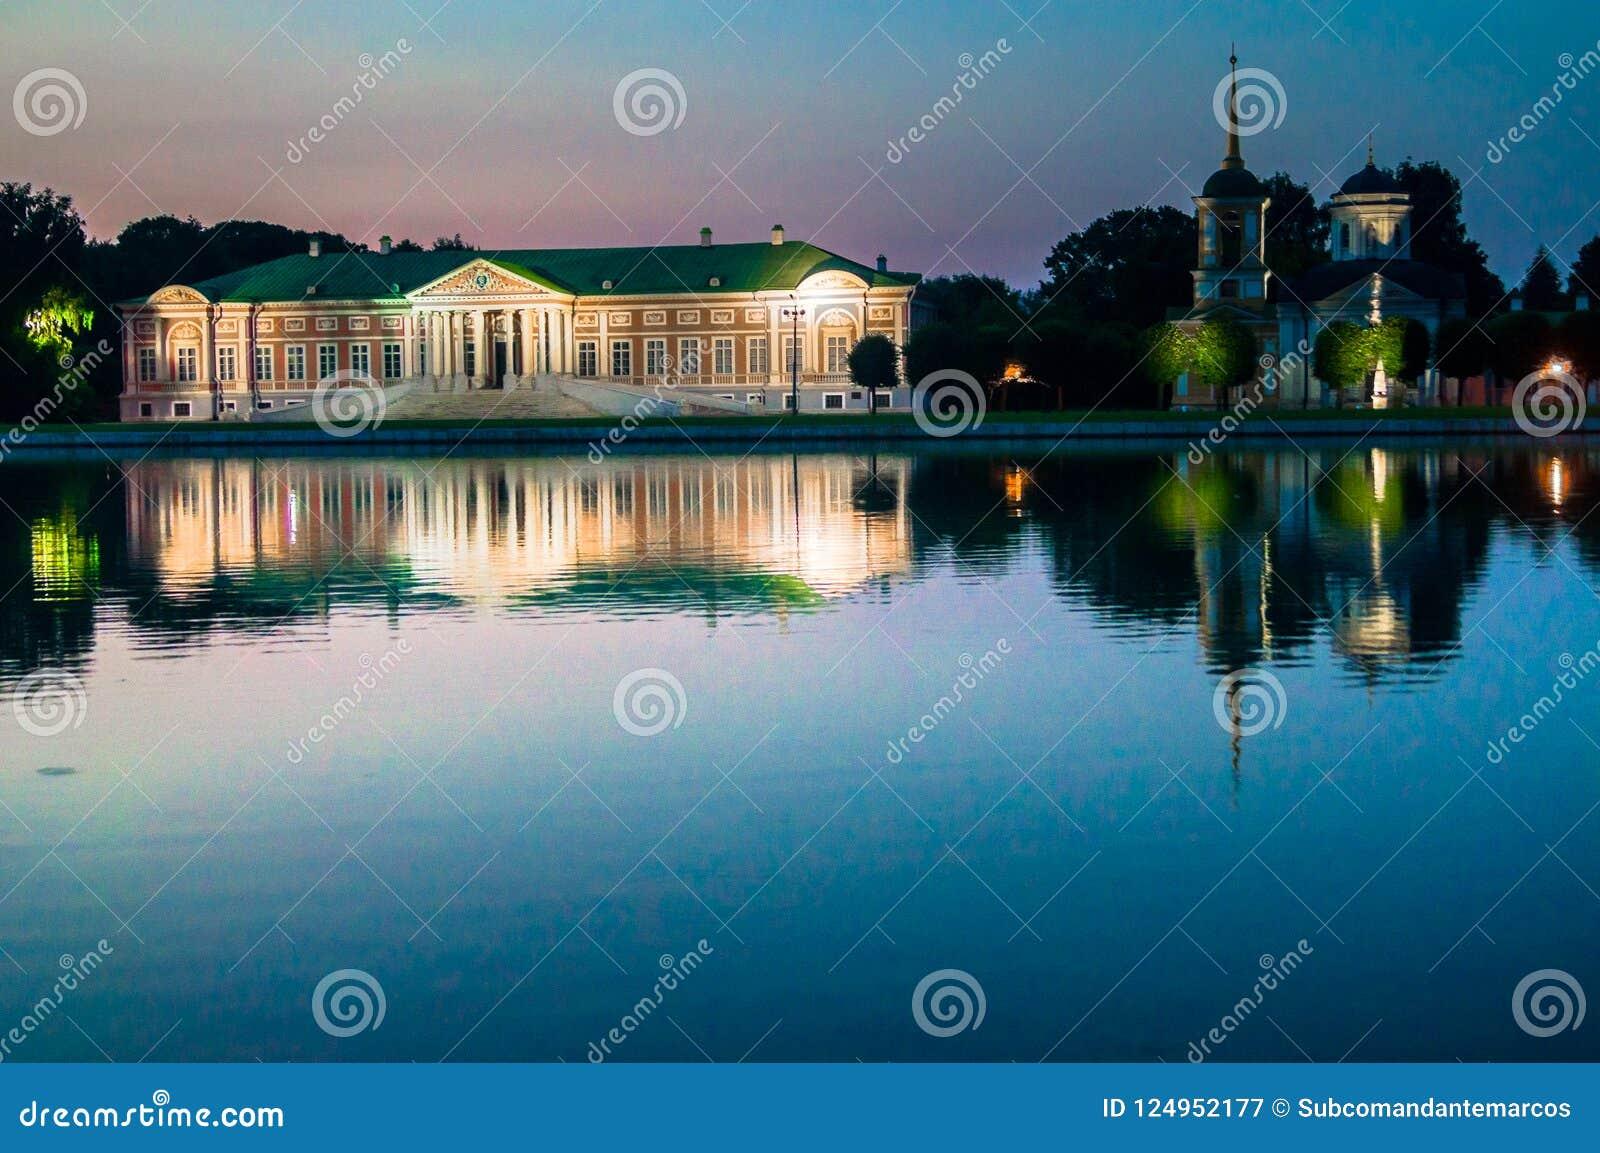 Άποψη βραδιού του μουσείου Kuskovo, προηγούμενο κτήμα κρατικής επιφύλαξης θερινών χωρών του δέκατου όγδοου αιώνα Μόσχα Ρωσία